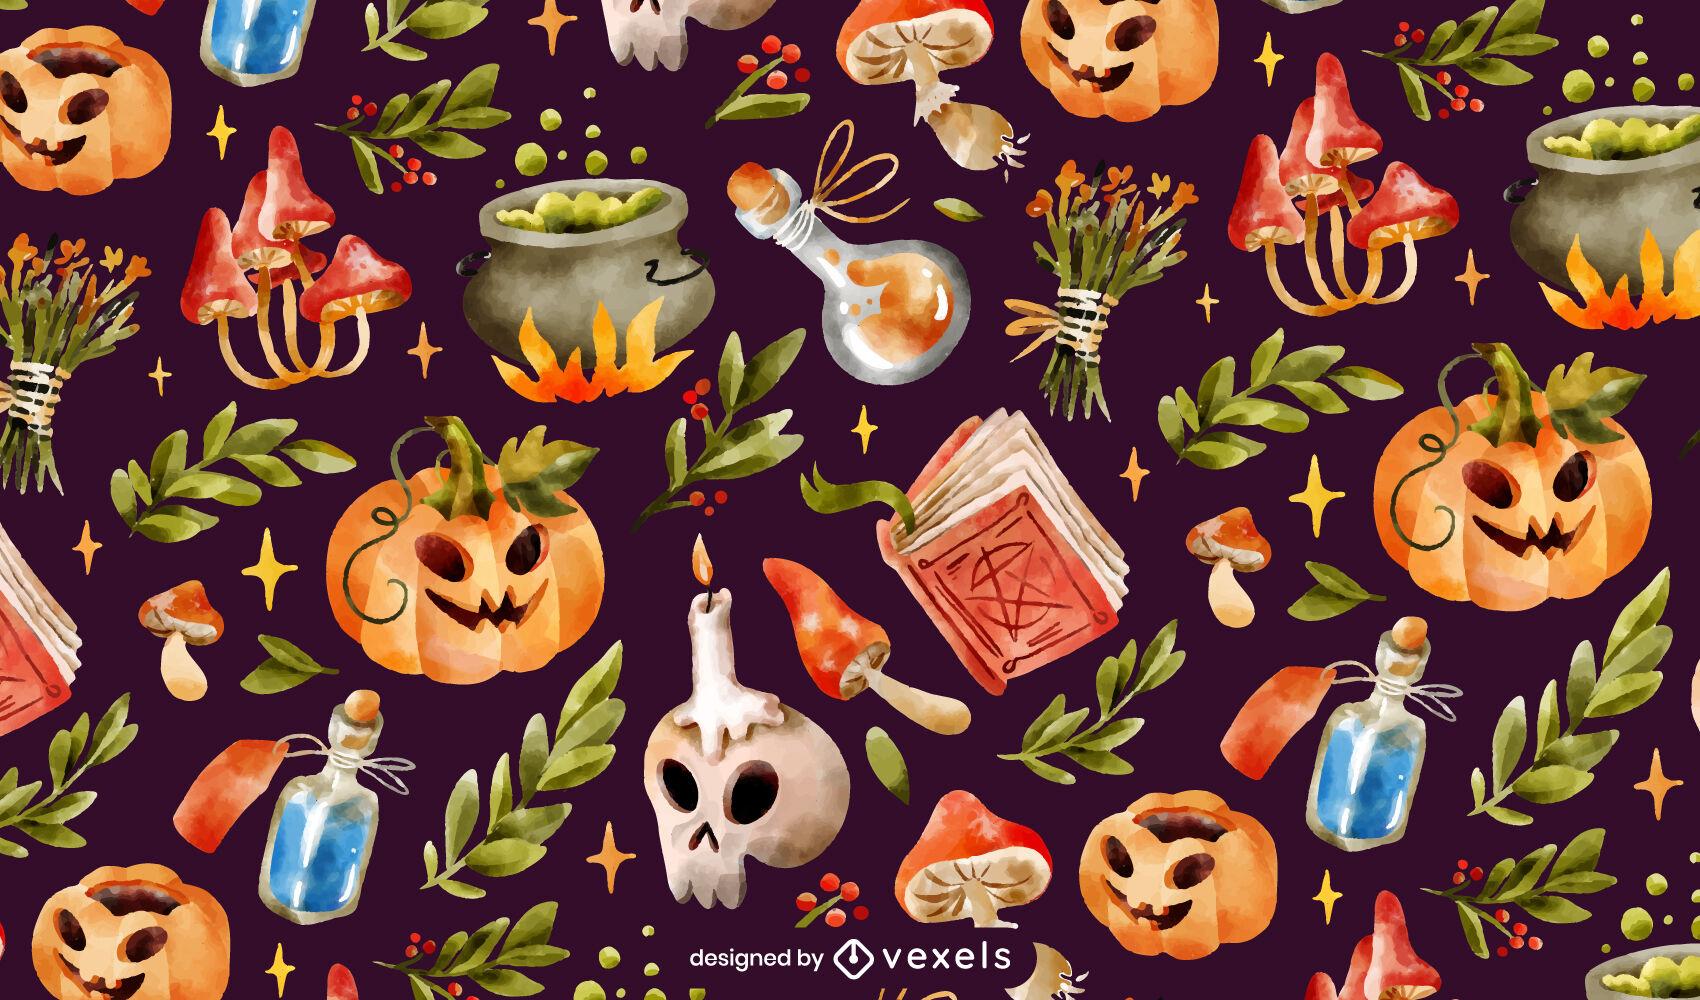 Halloween realistische Elemente Muster